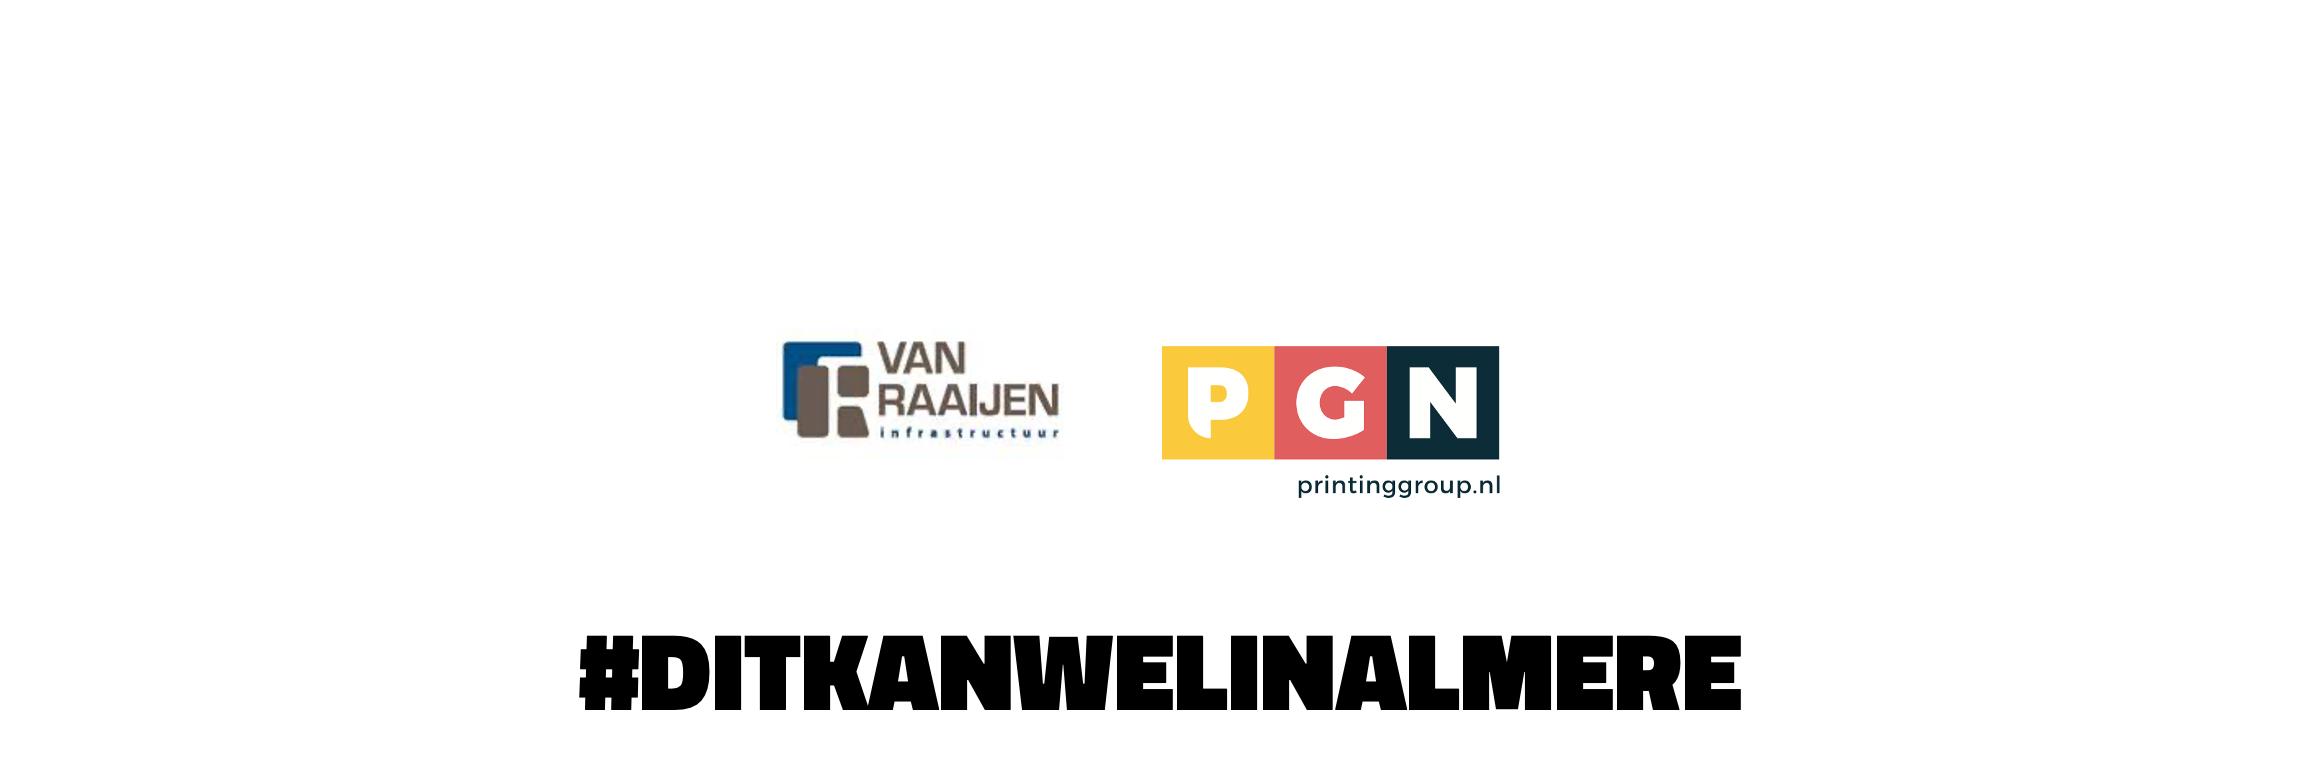 #DITKANWELINALMERE: PRACHTIGE SAMENWERKING TUSSEN VAN RAAIJEN INFRA EN PRINTING GROUP NETHERLANDS